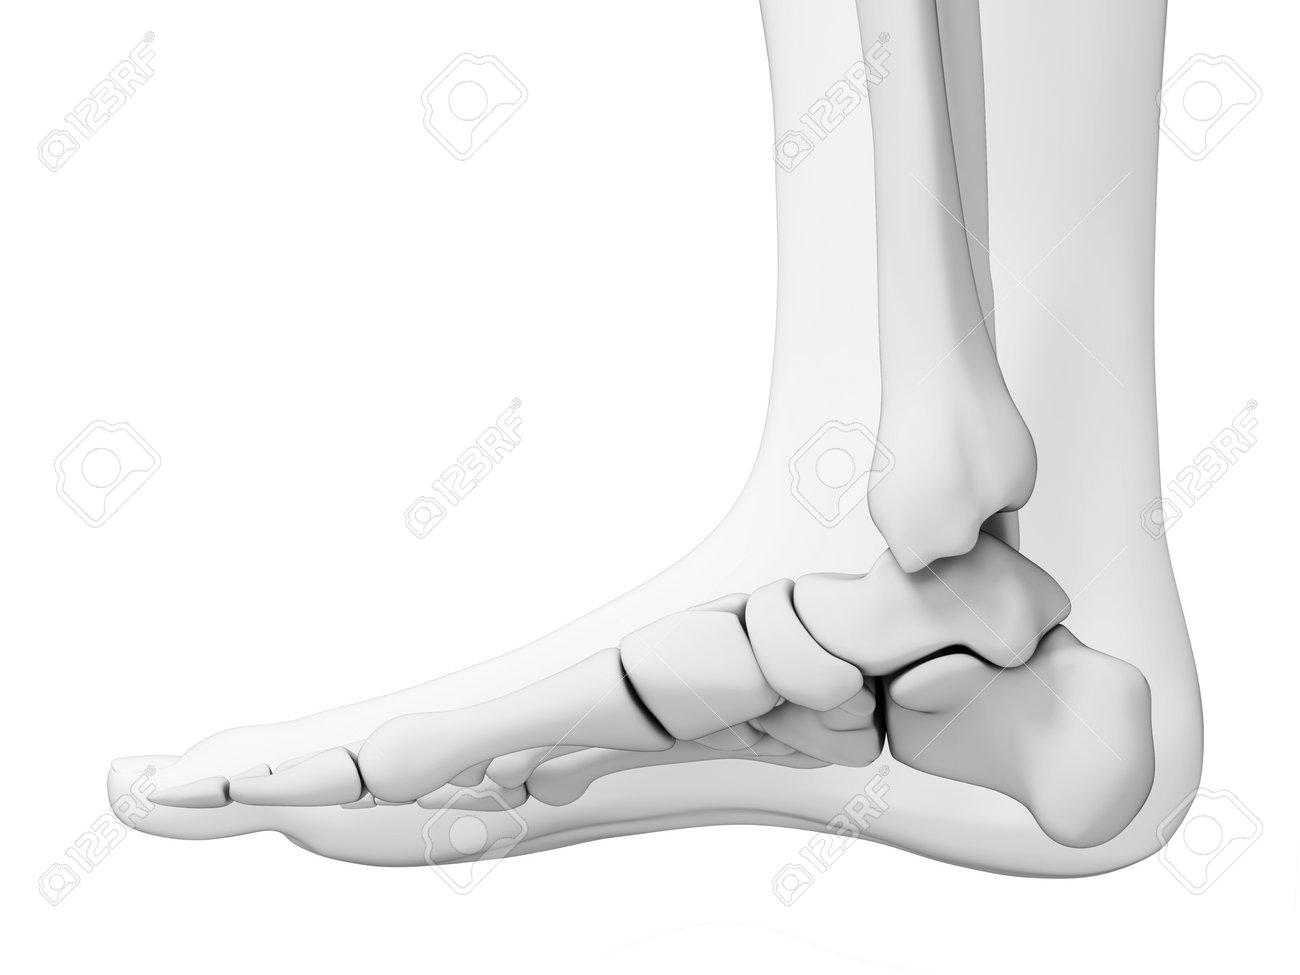 Charmant Skelett Fuß Bilder - Anatomie Und Physiologie Knochen ...